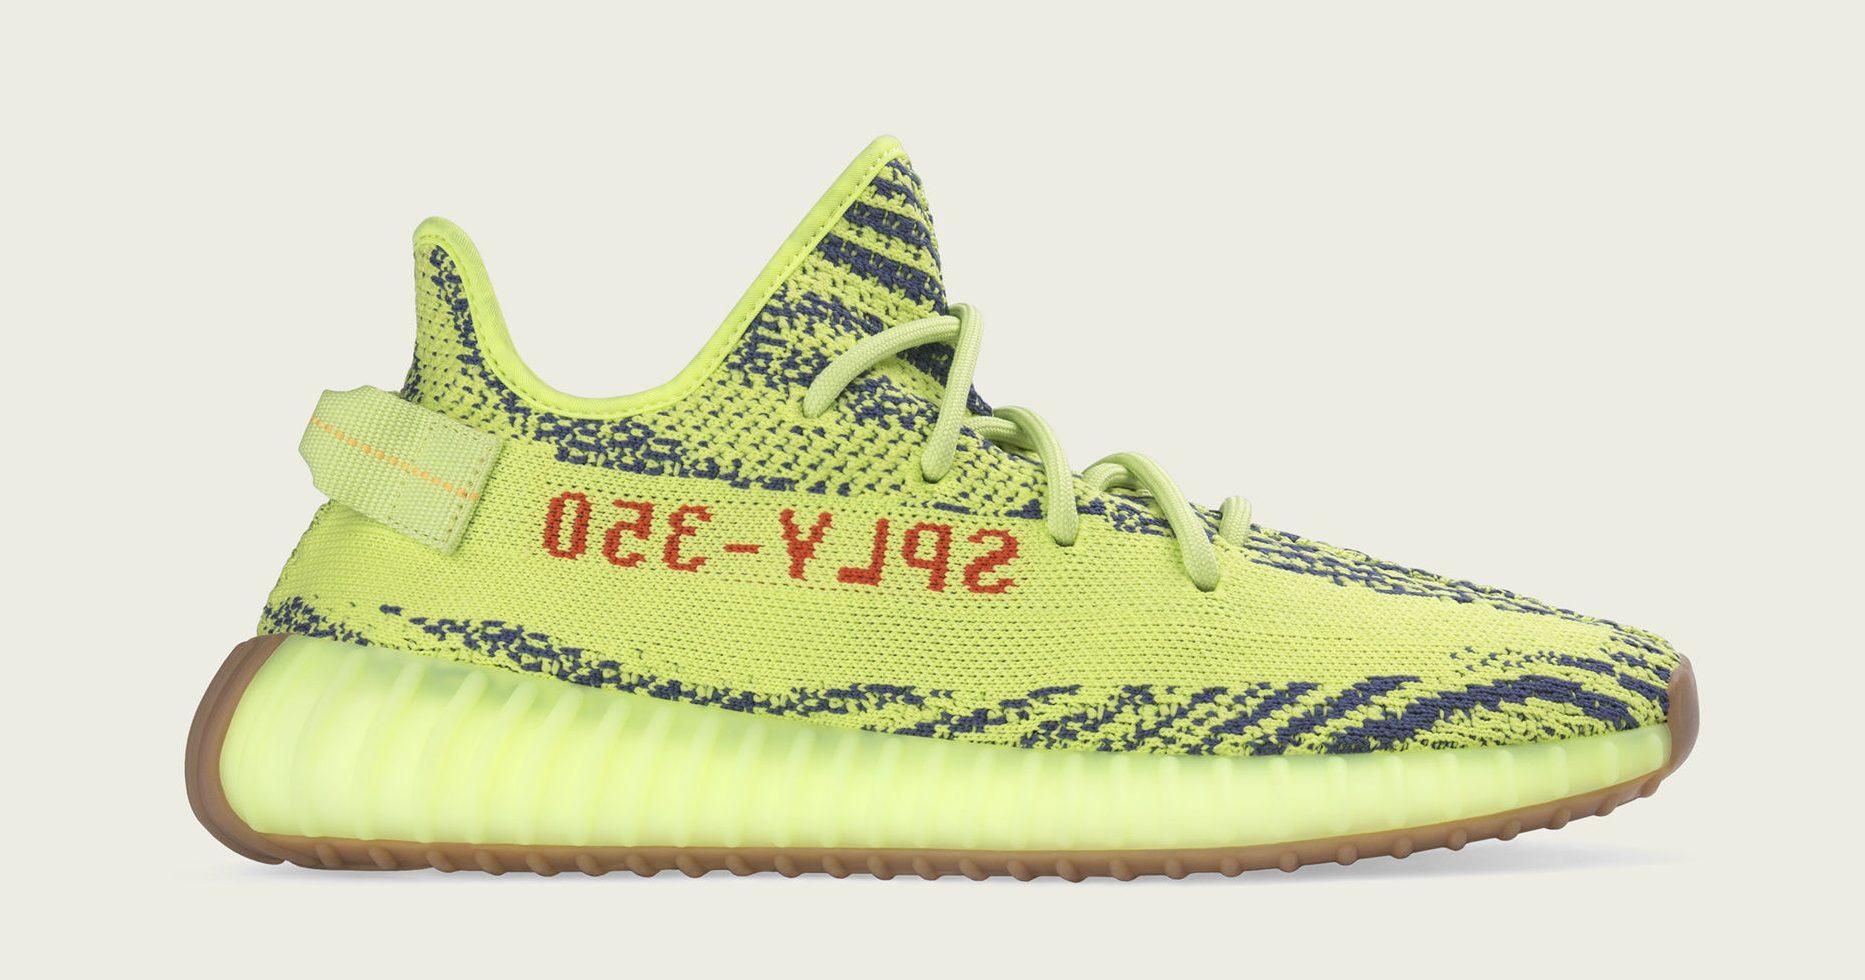 neon yeezy shoes